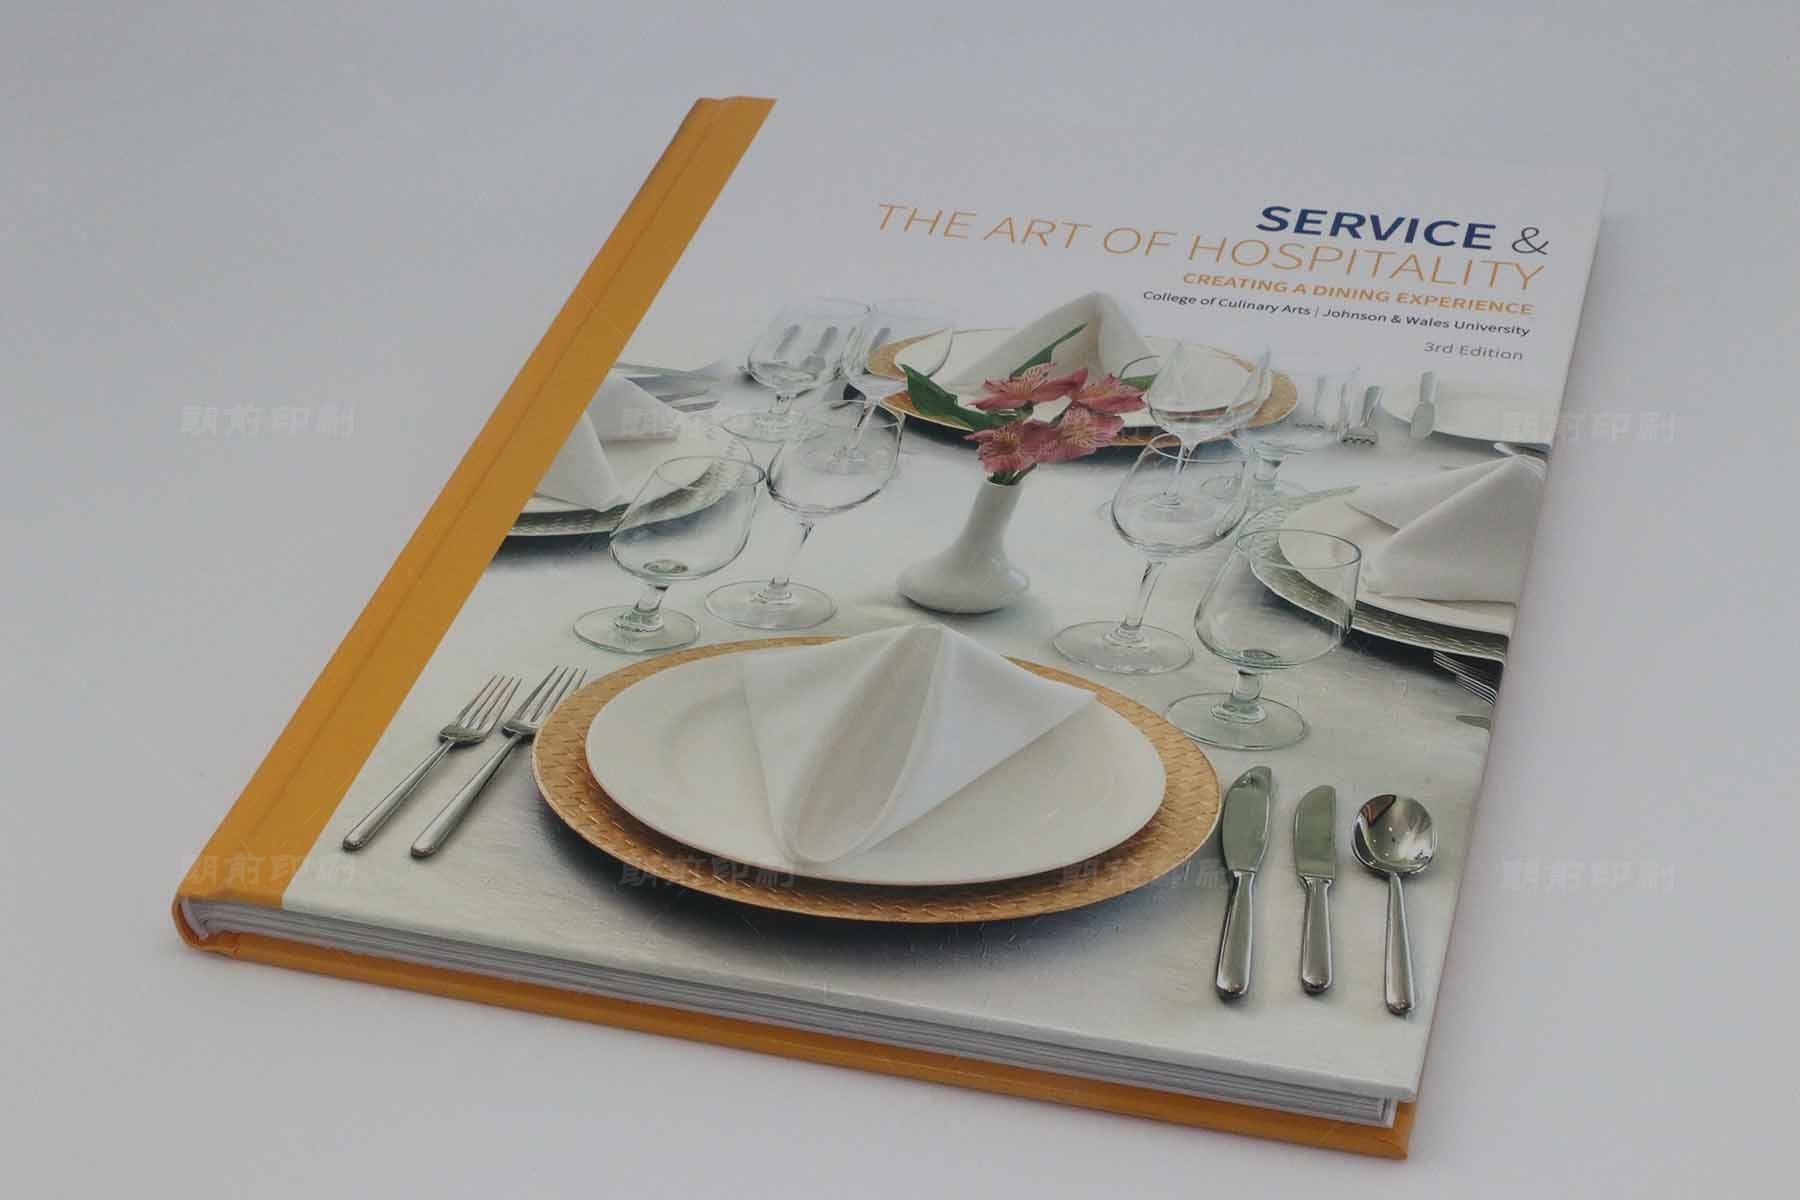 酒店服务的艺术 圆脊精装书印刷